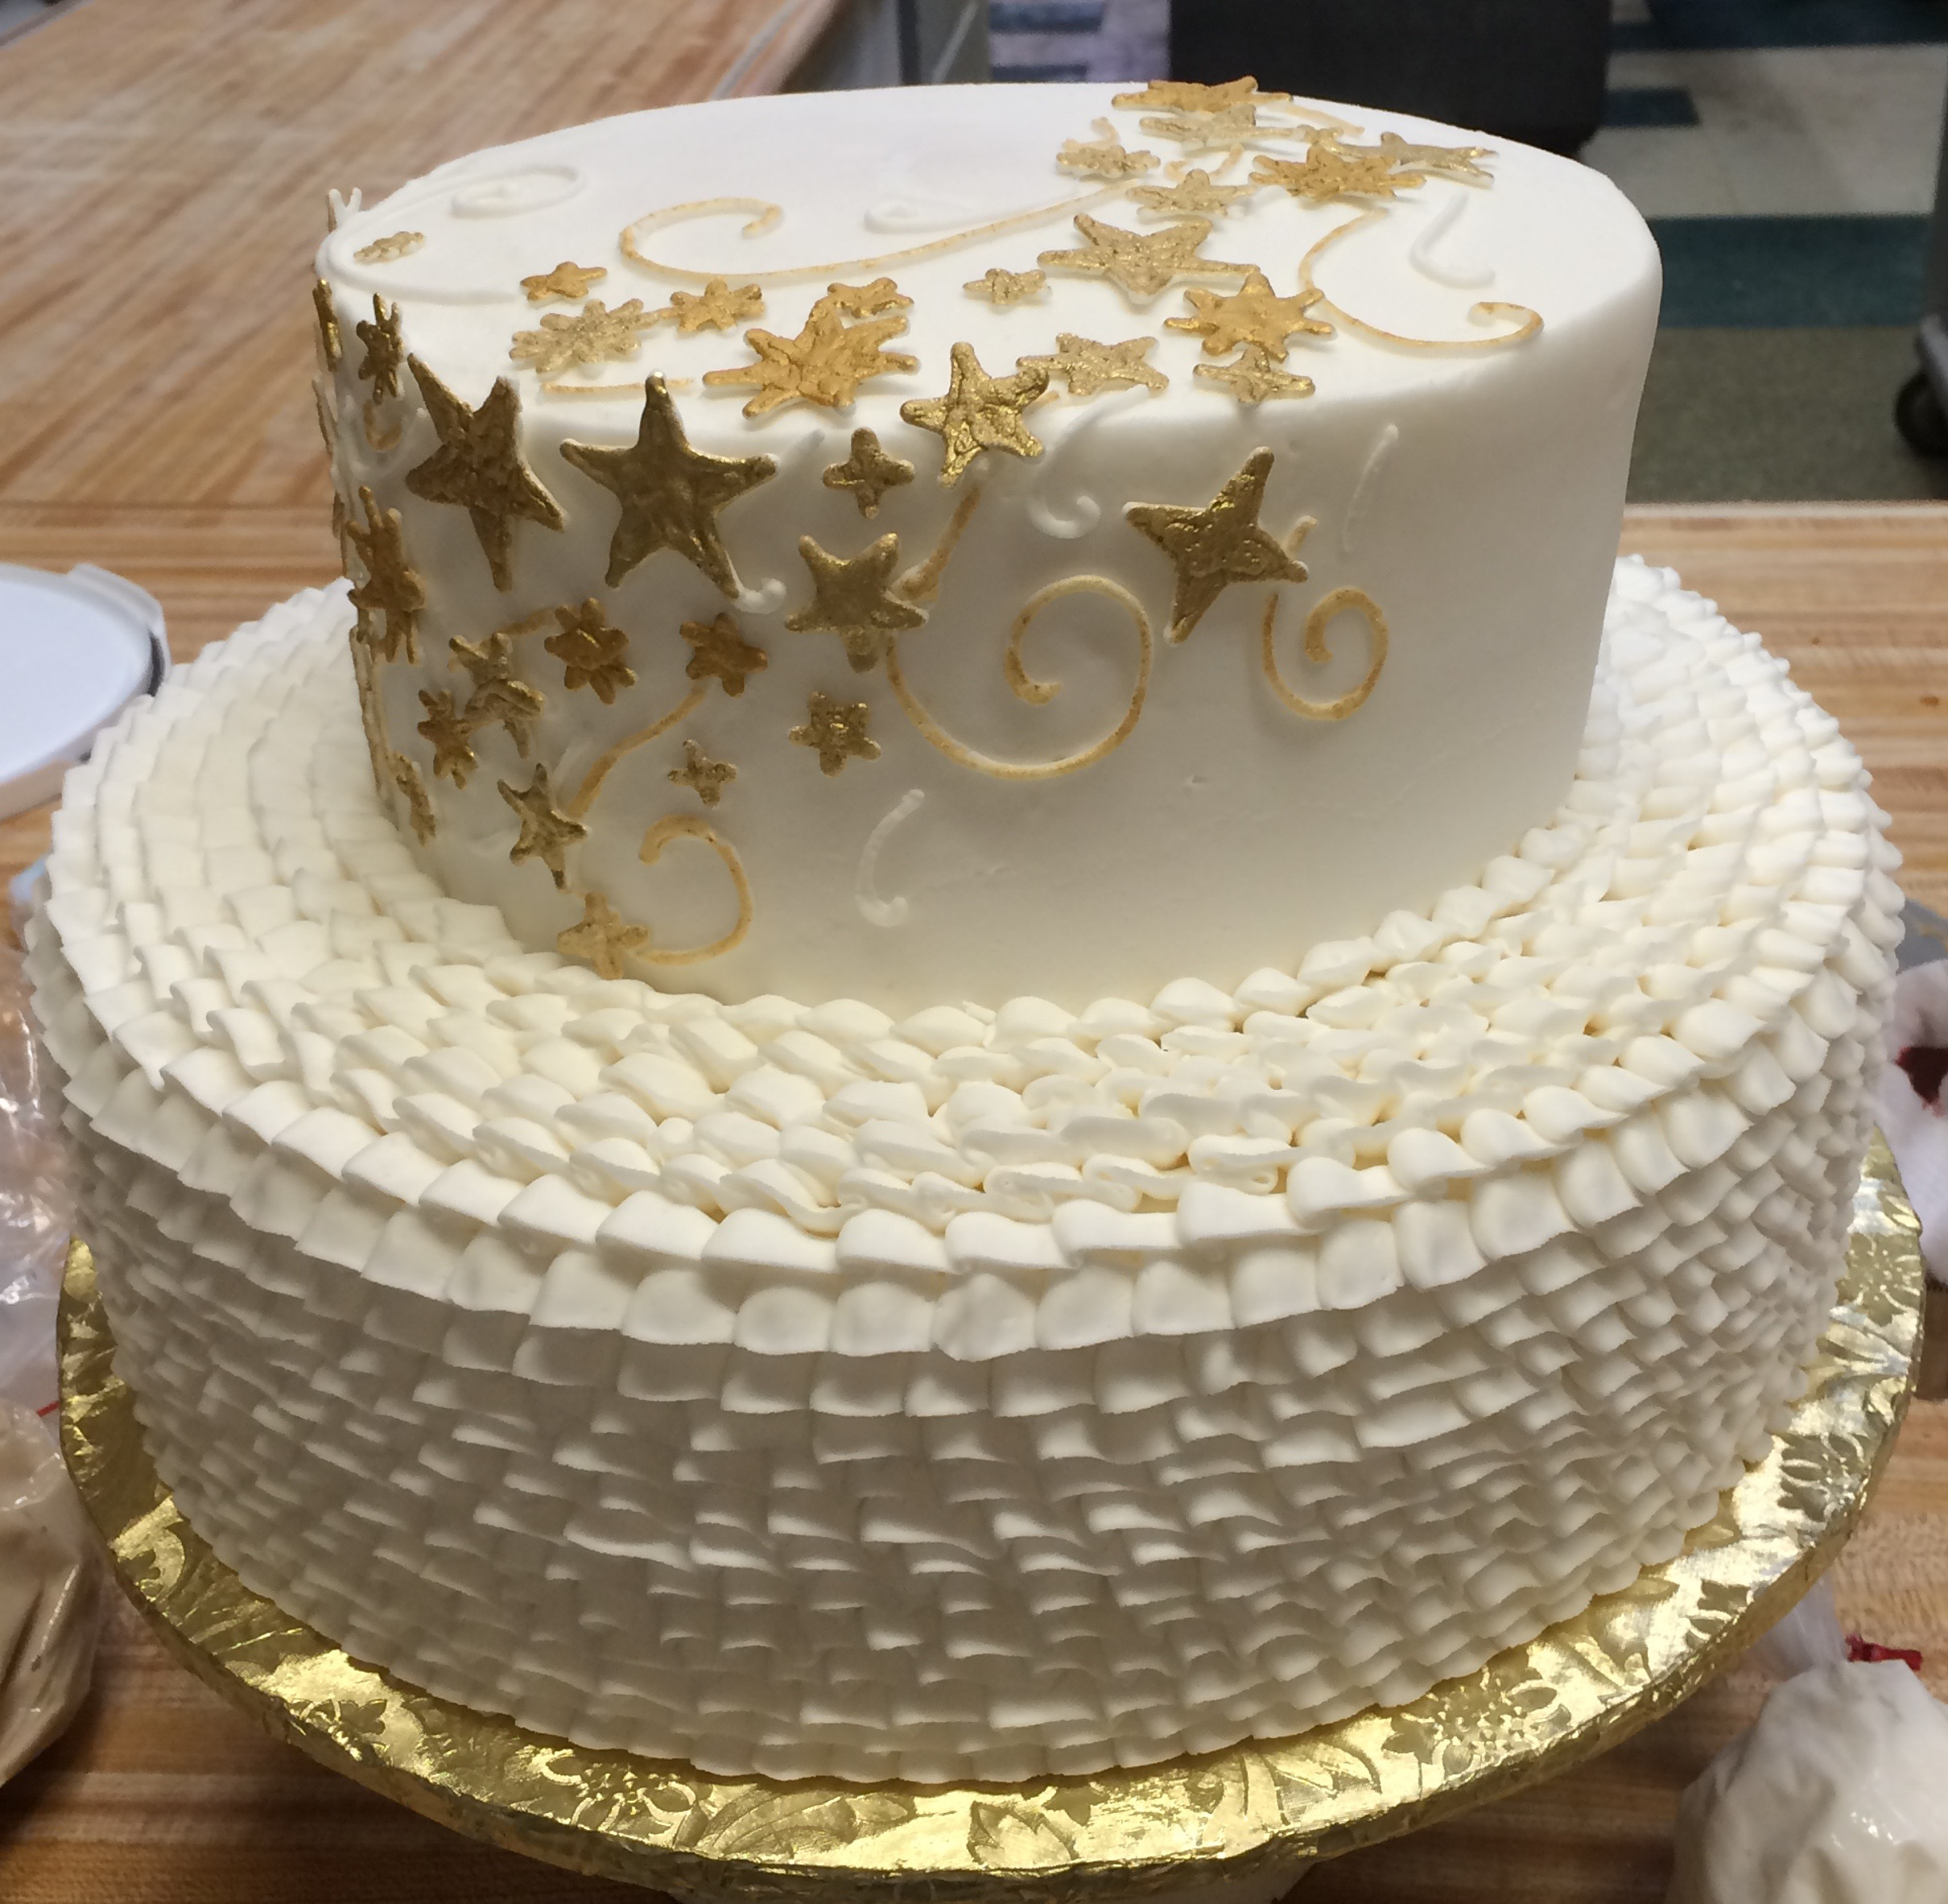 Goldstar Cake 10